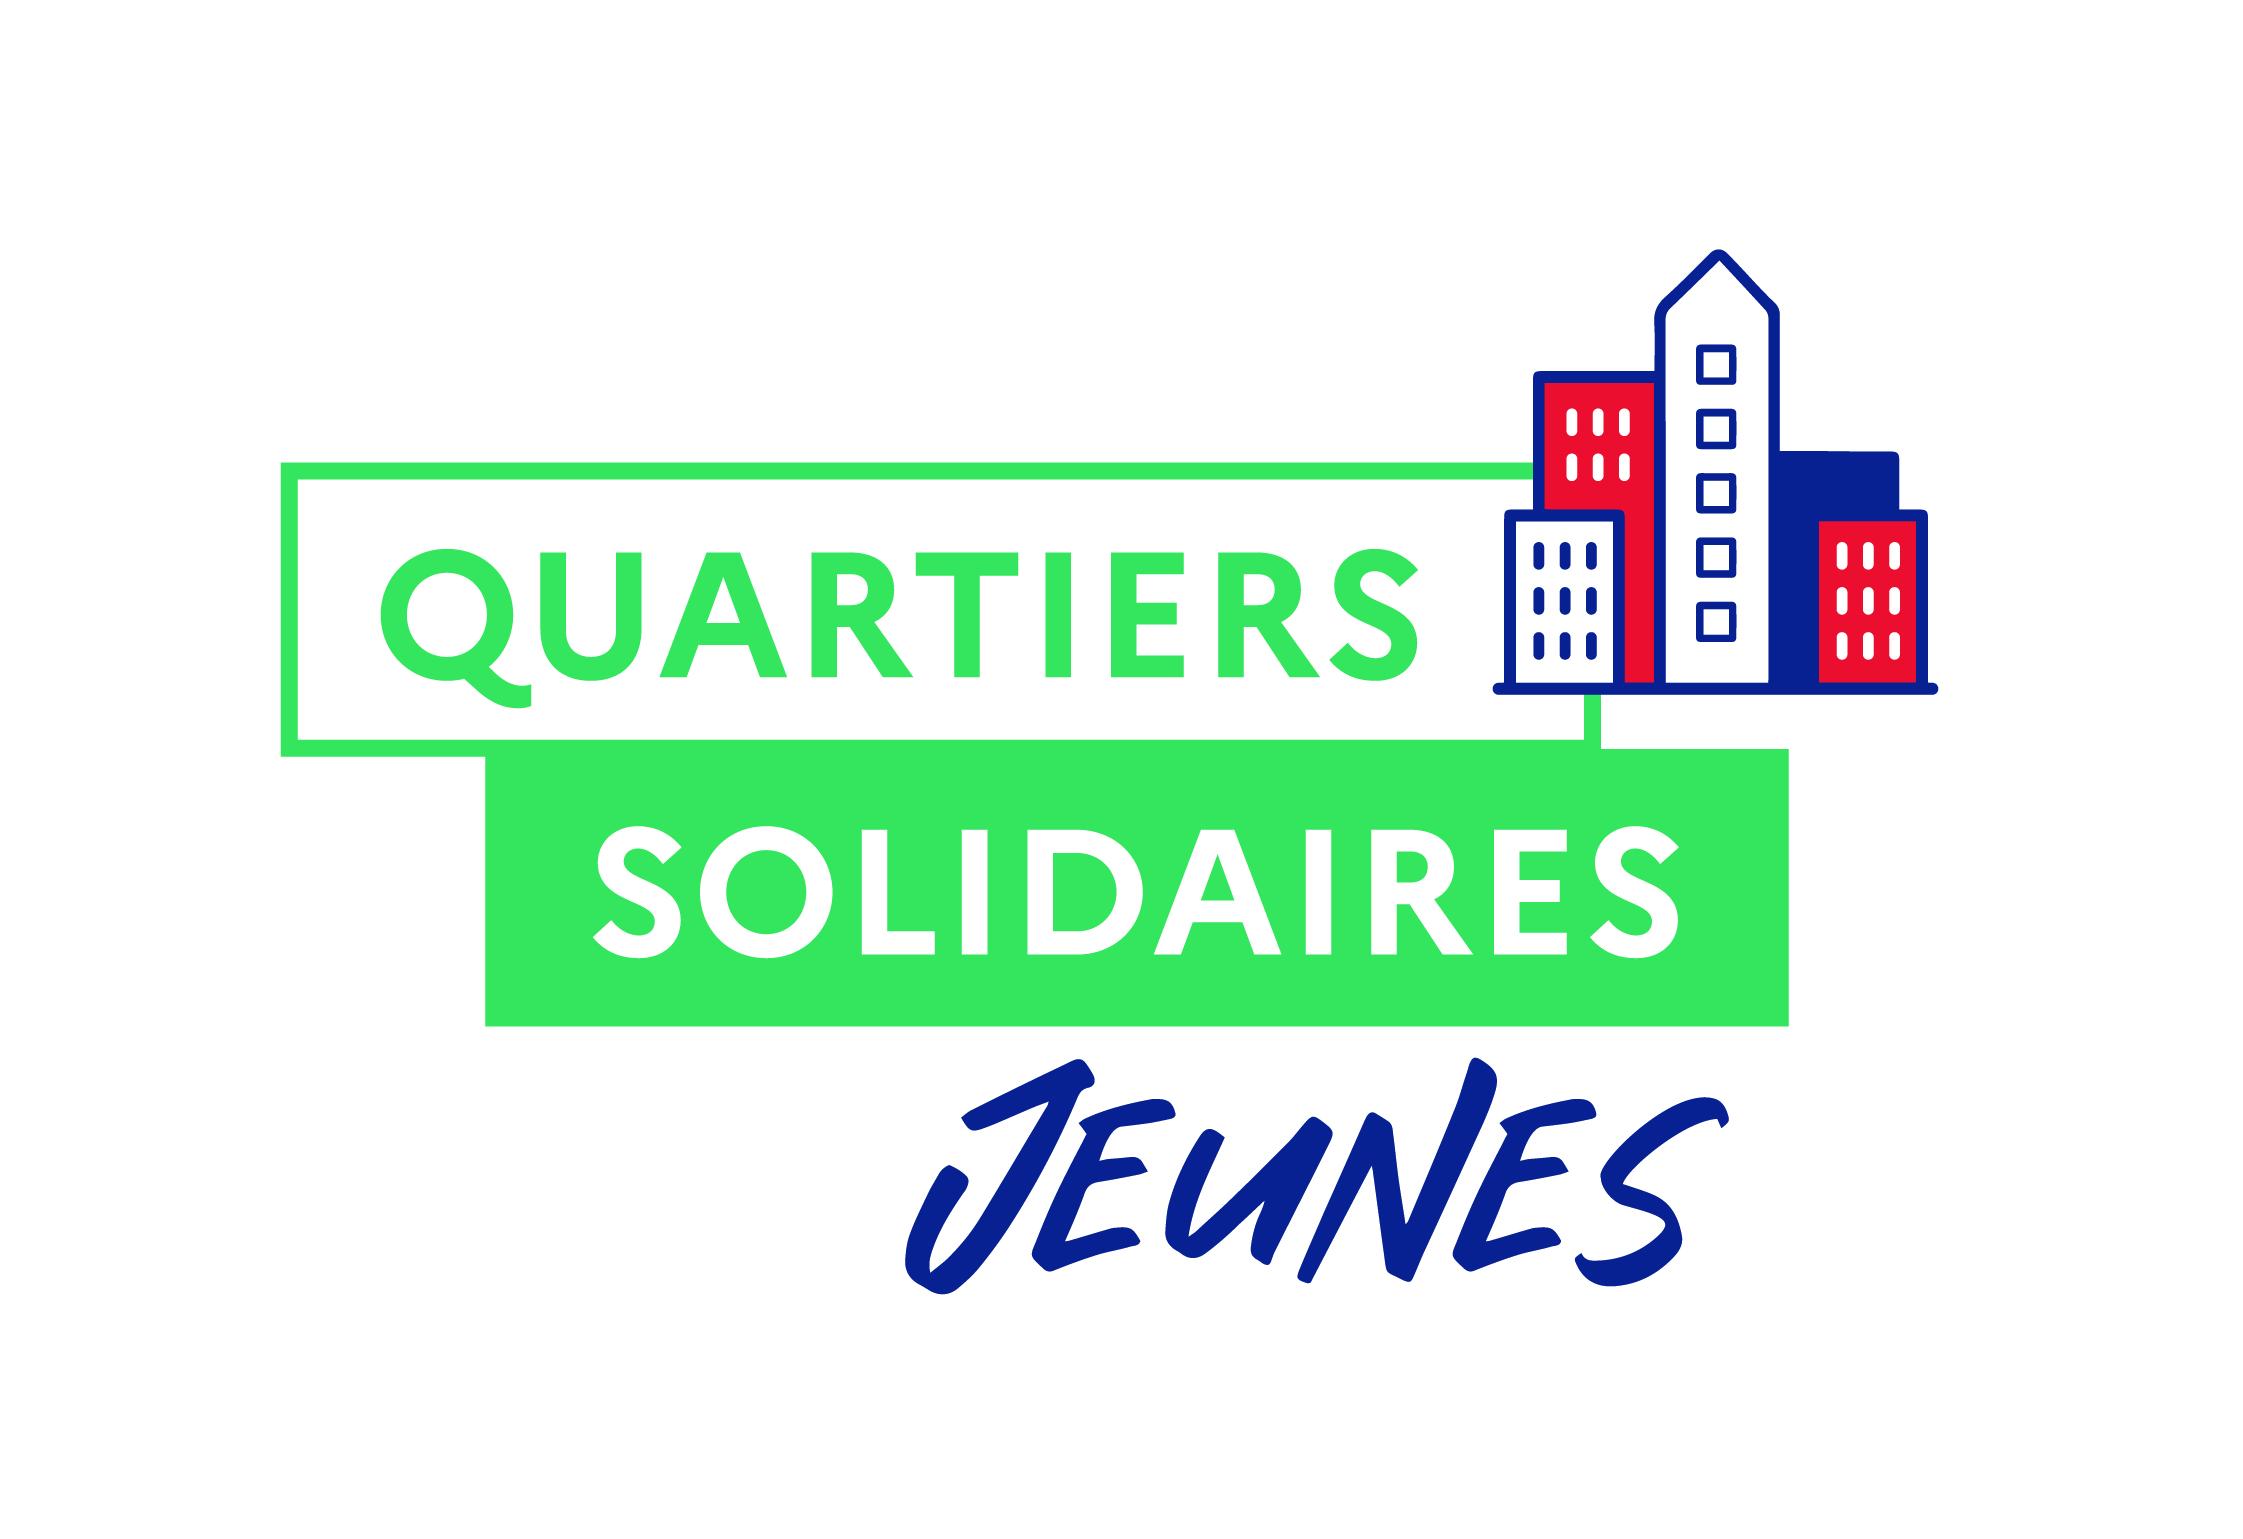 Quartier solidaires jeuness